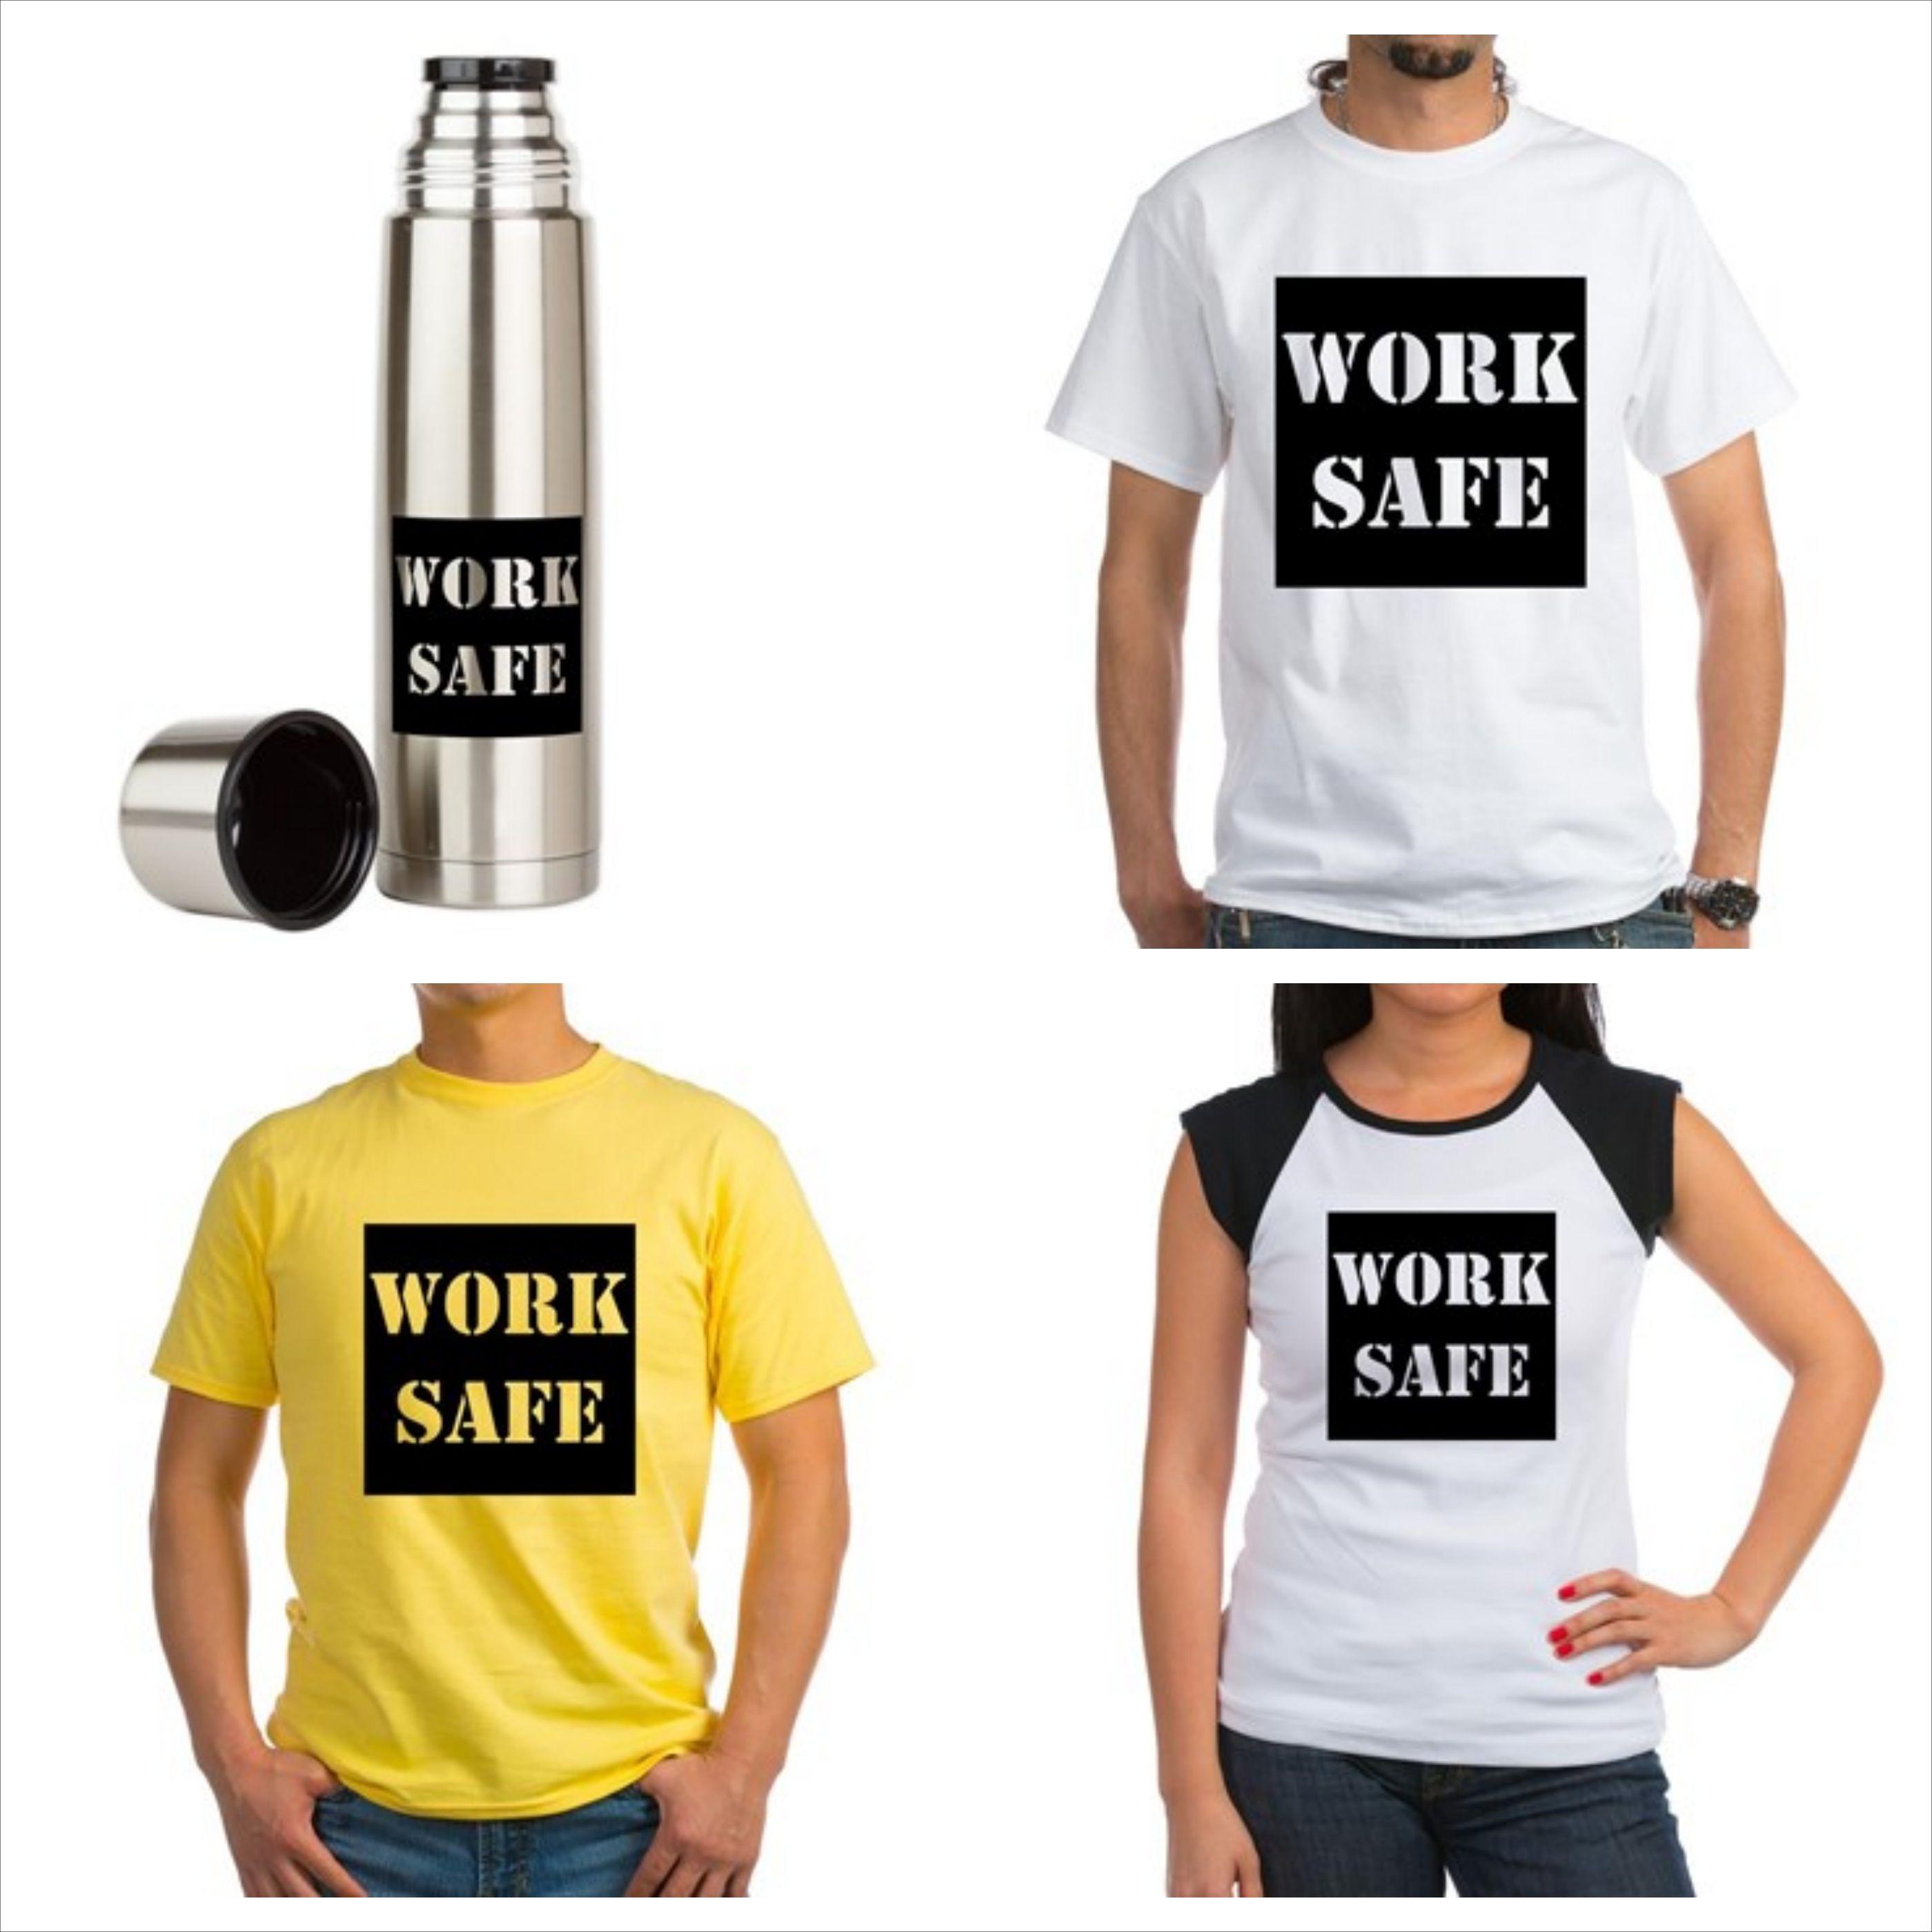 Work Safe Bold Message Work Safe Safety Campaign